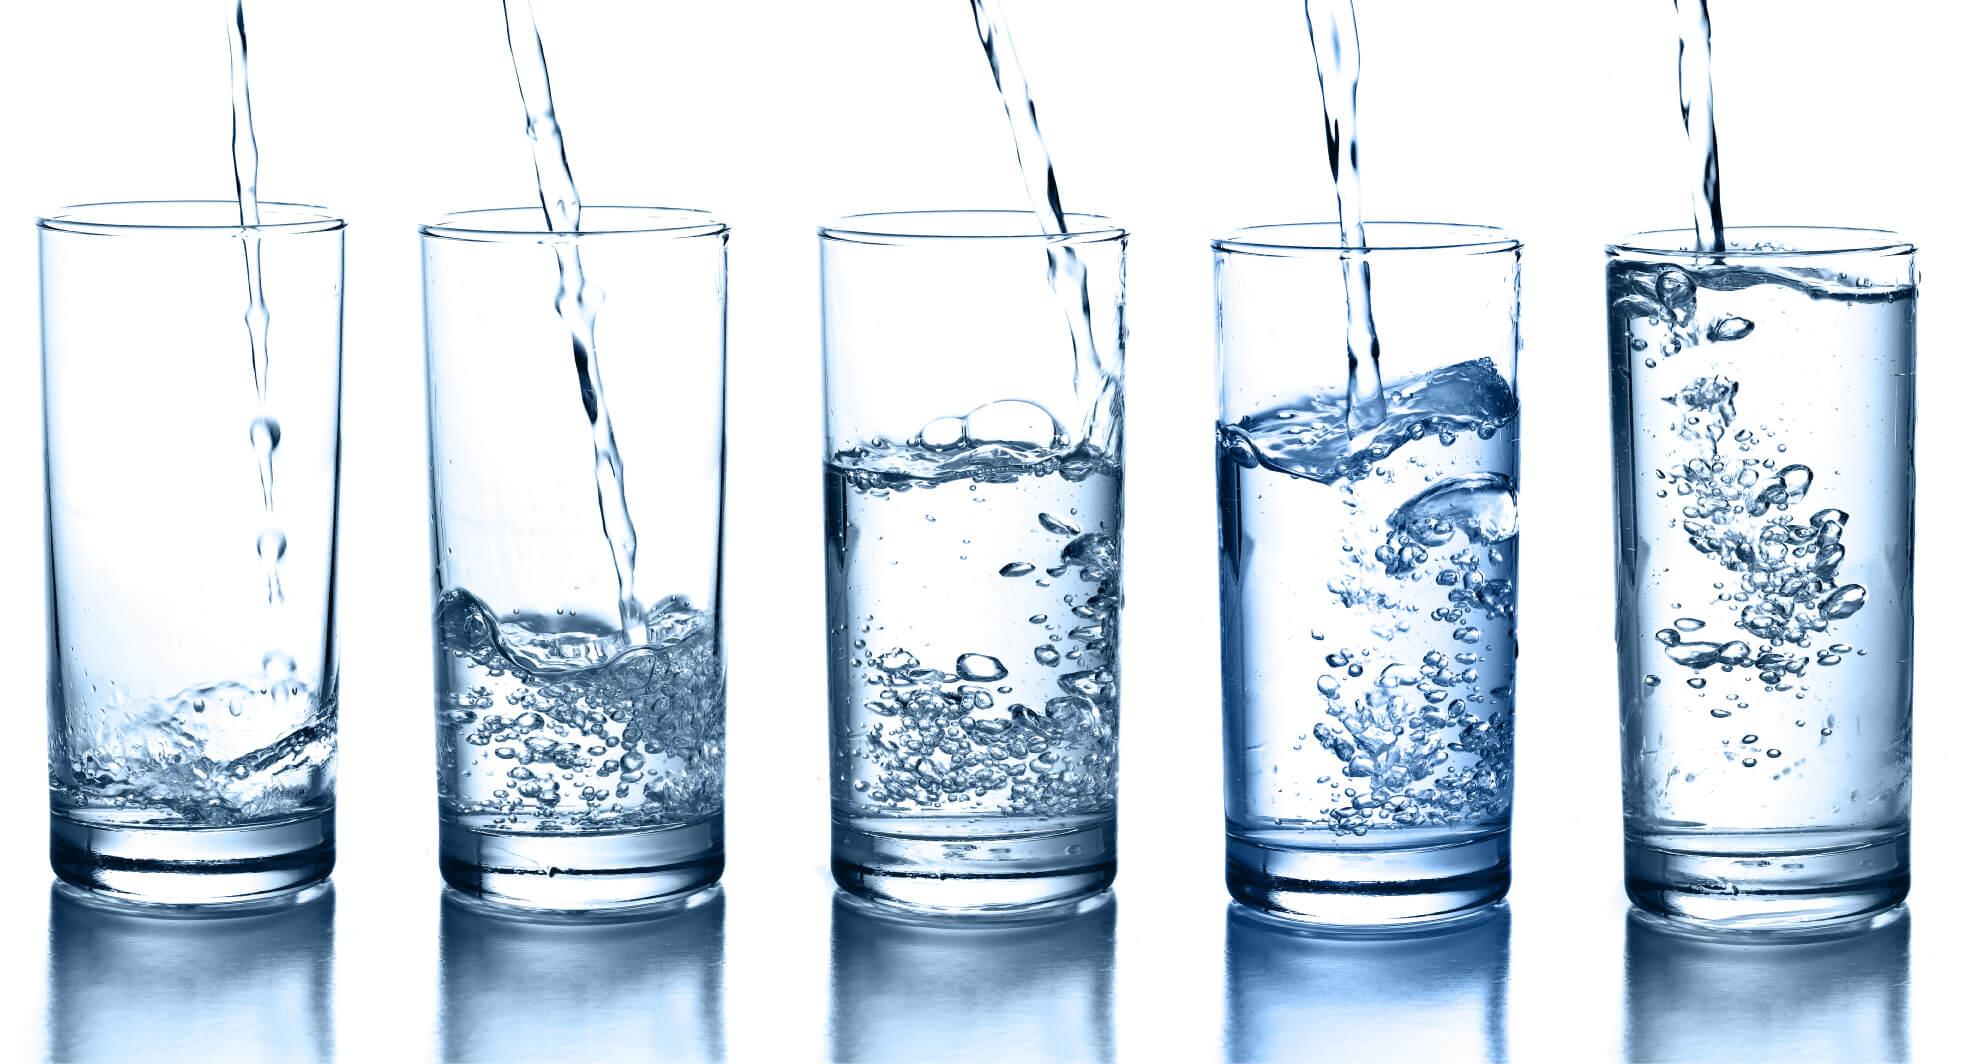 水をたくさん飲むメリット|適切な水分補給の量・タイミング・ポイントを押さえて健康に